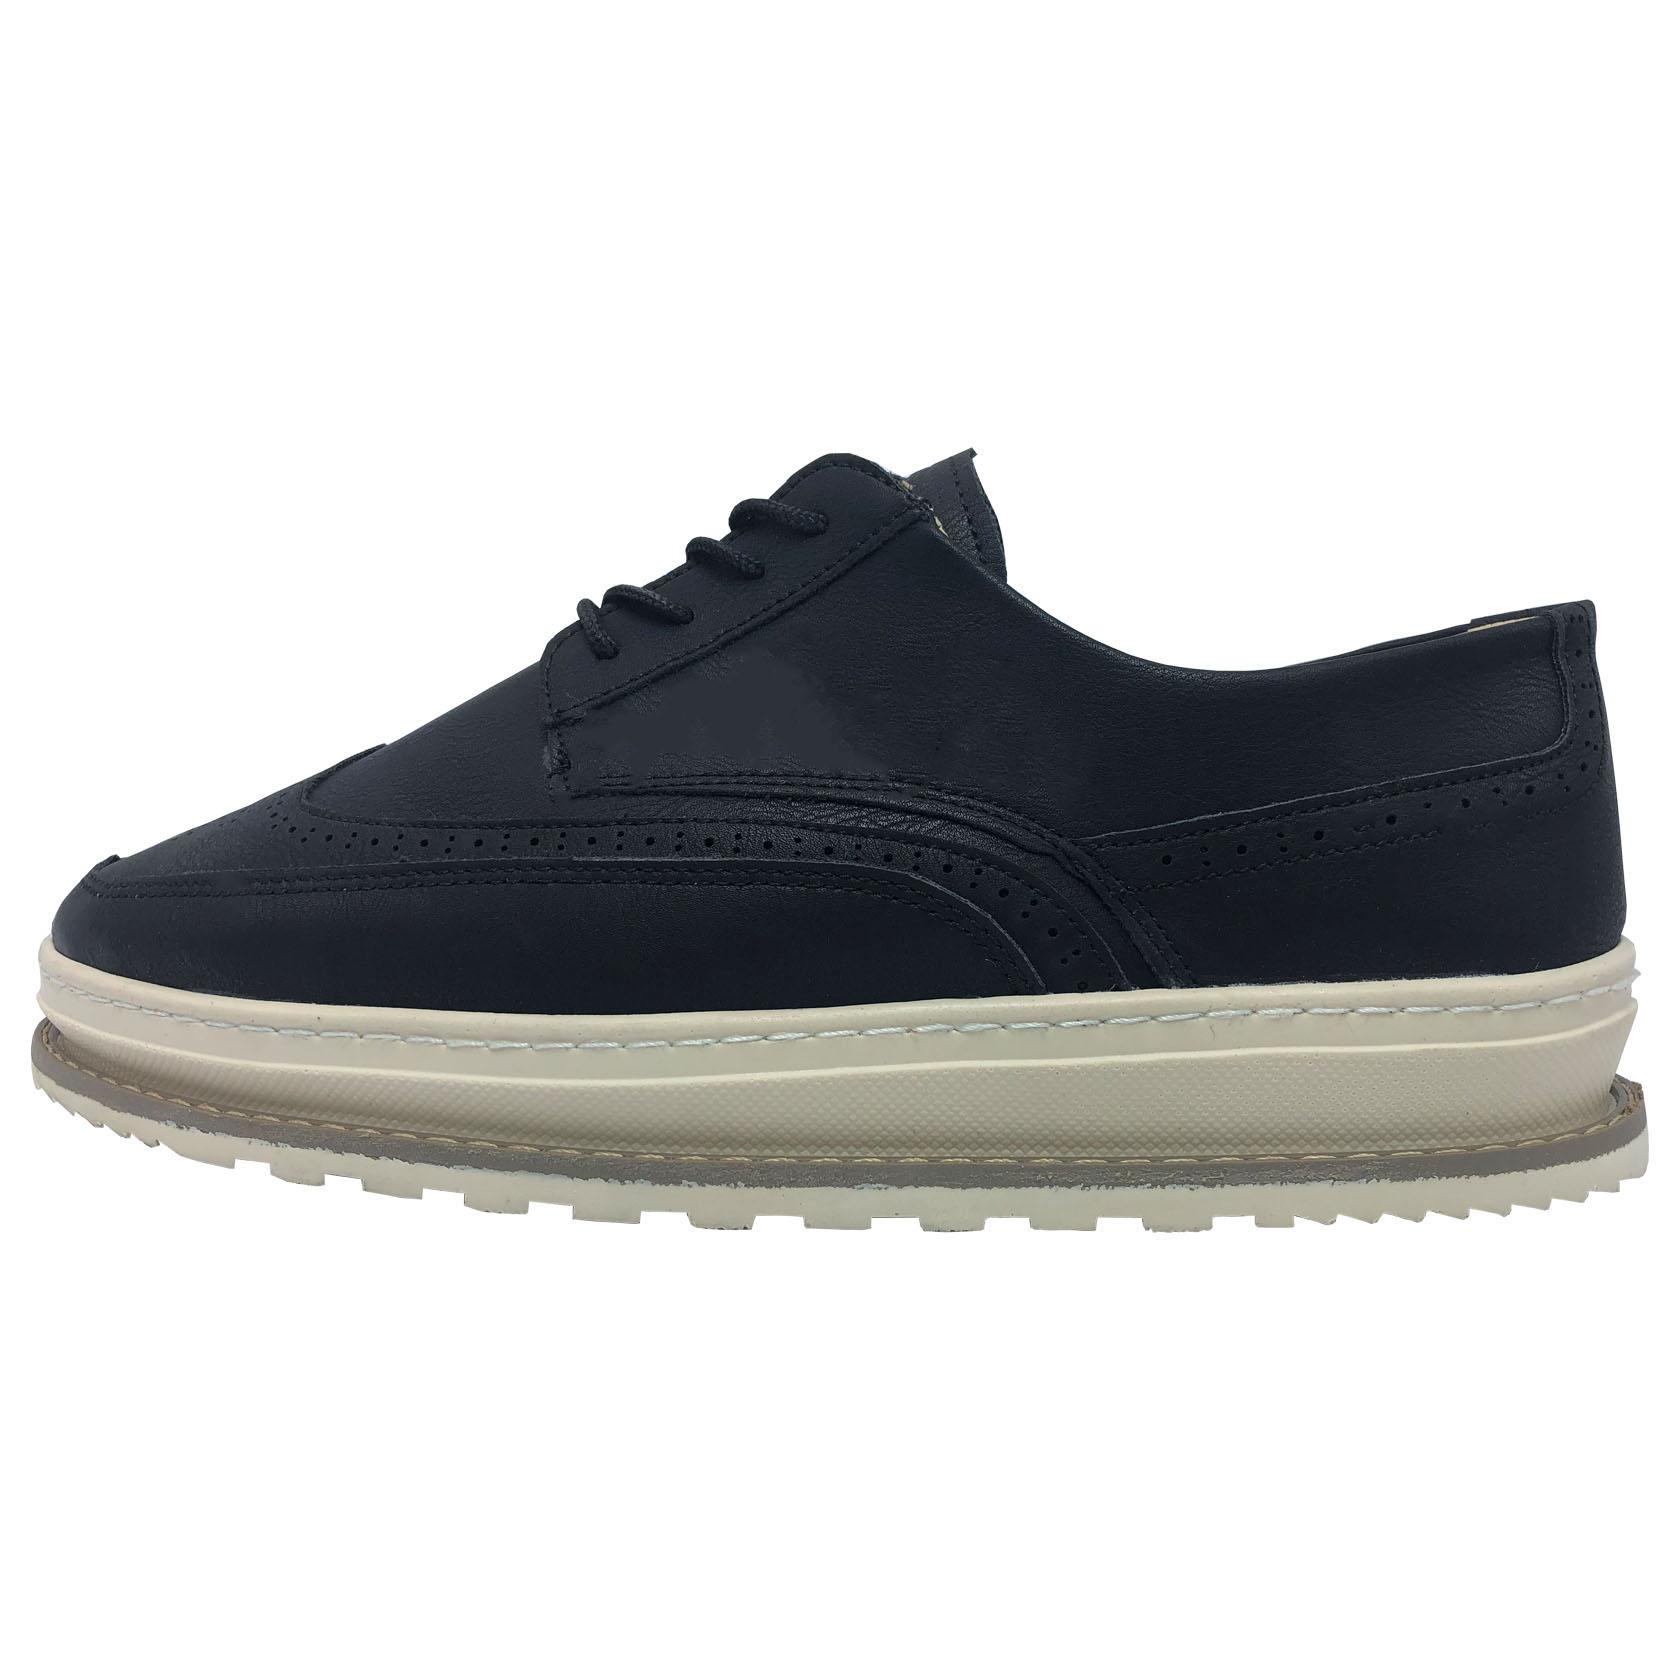 کفش روزمره مردانه کفش سعیدی کد j 803 j